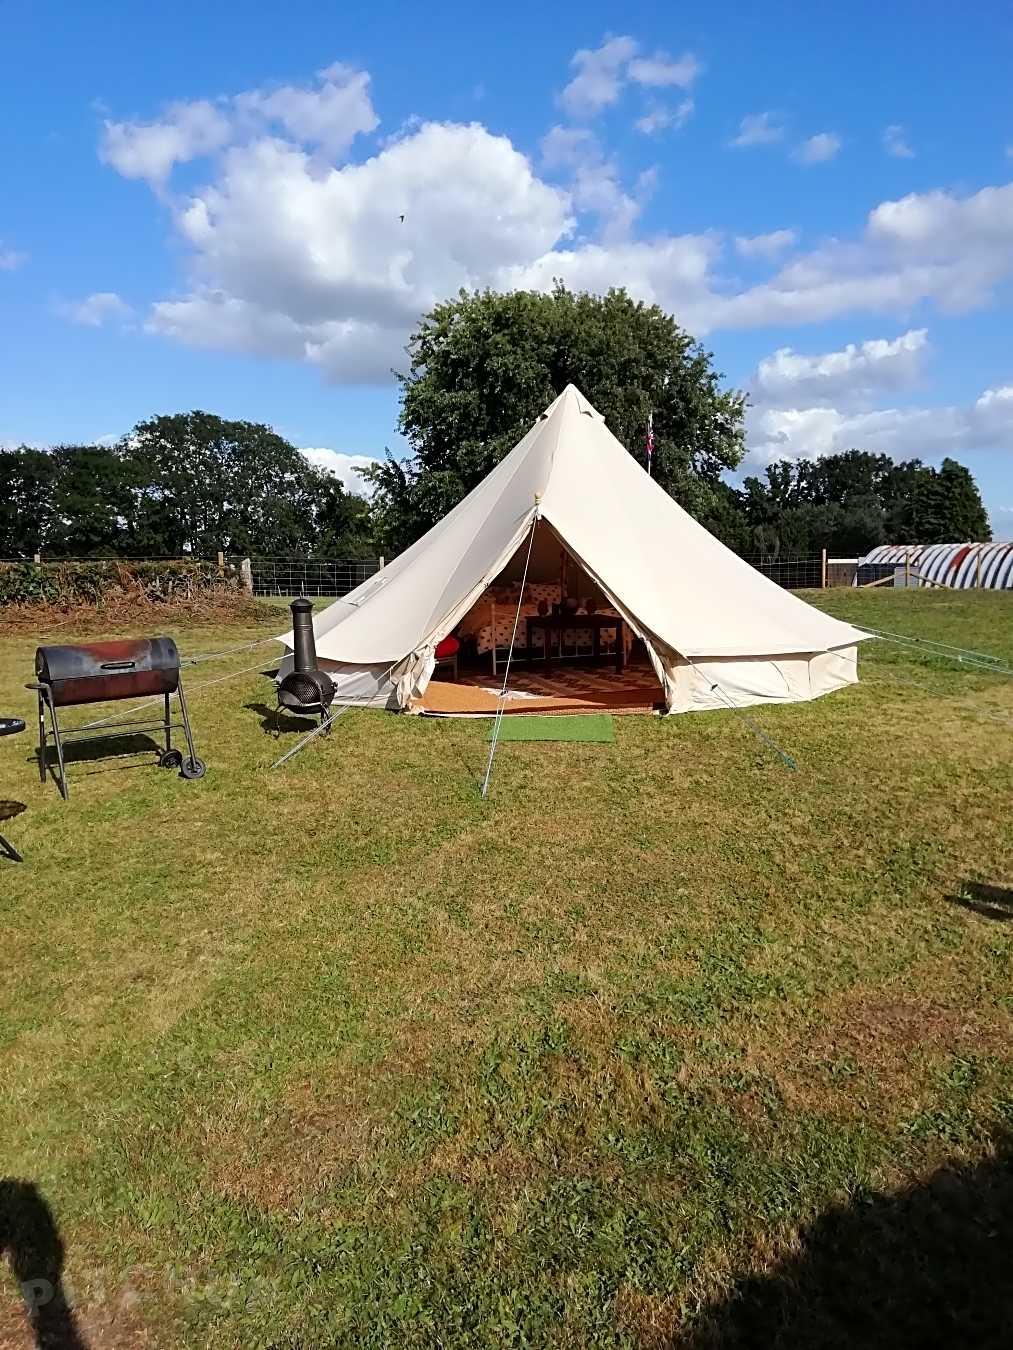 Bestill plass for glamping, yurt, tipi, spisstelt og